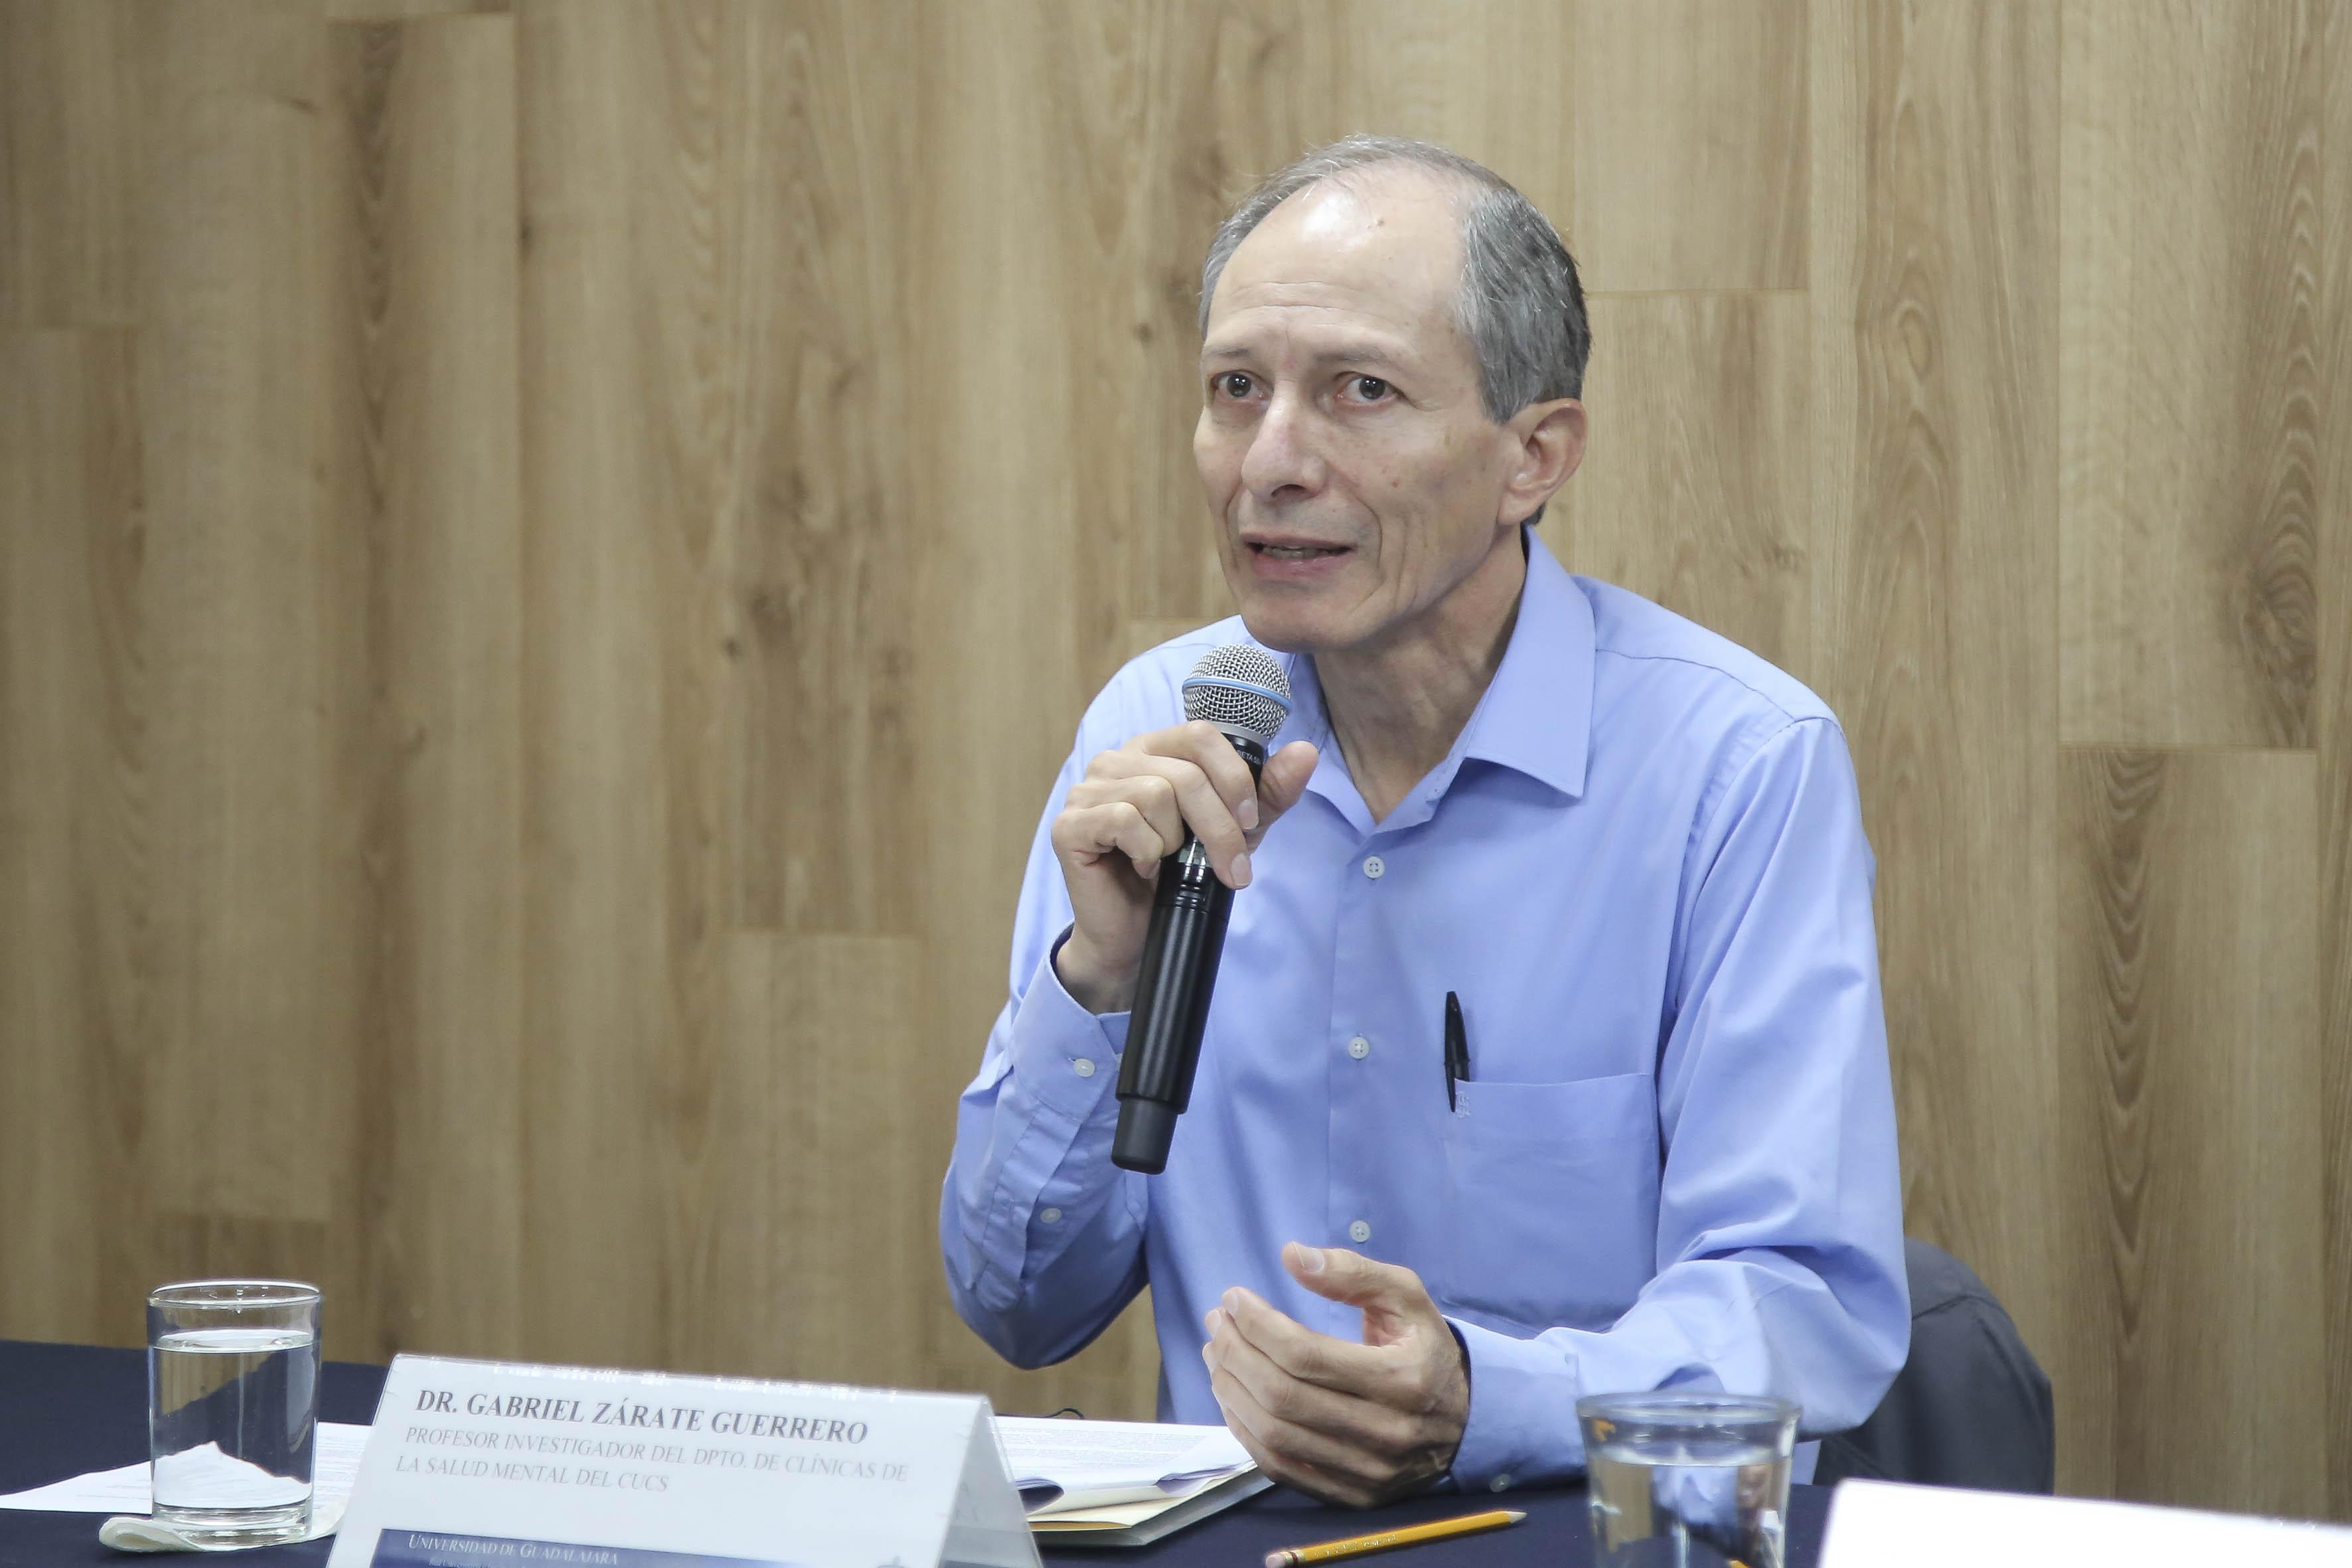 Dr Gabriel Zárate Guerrero al micrófono